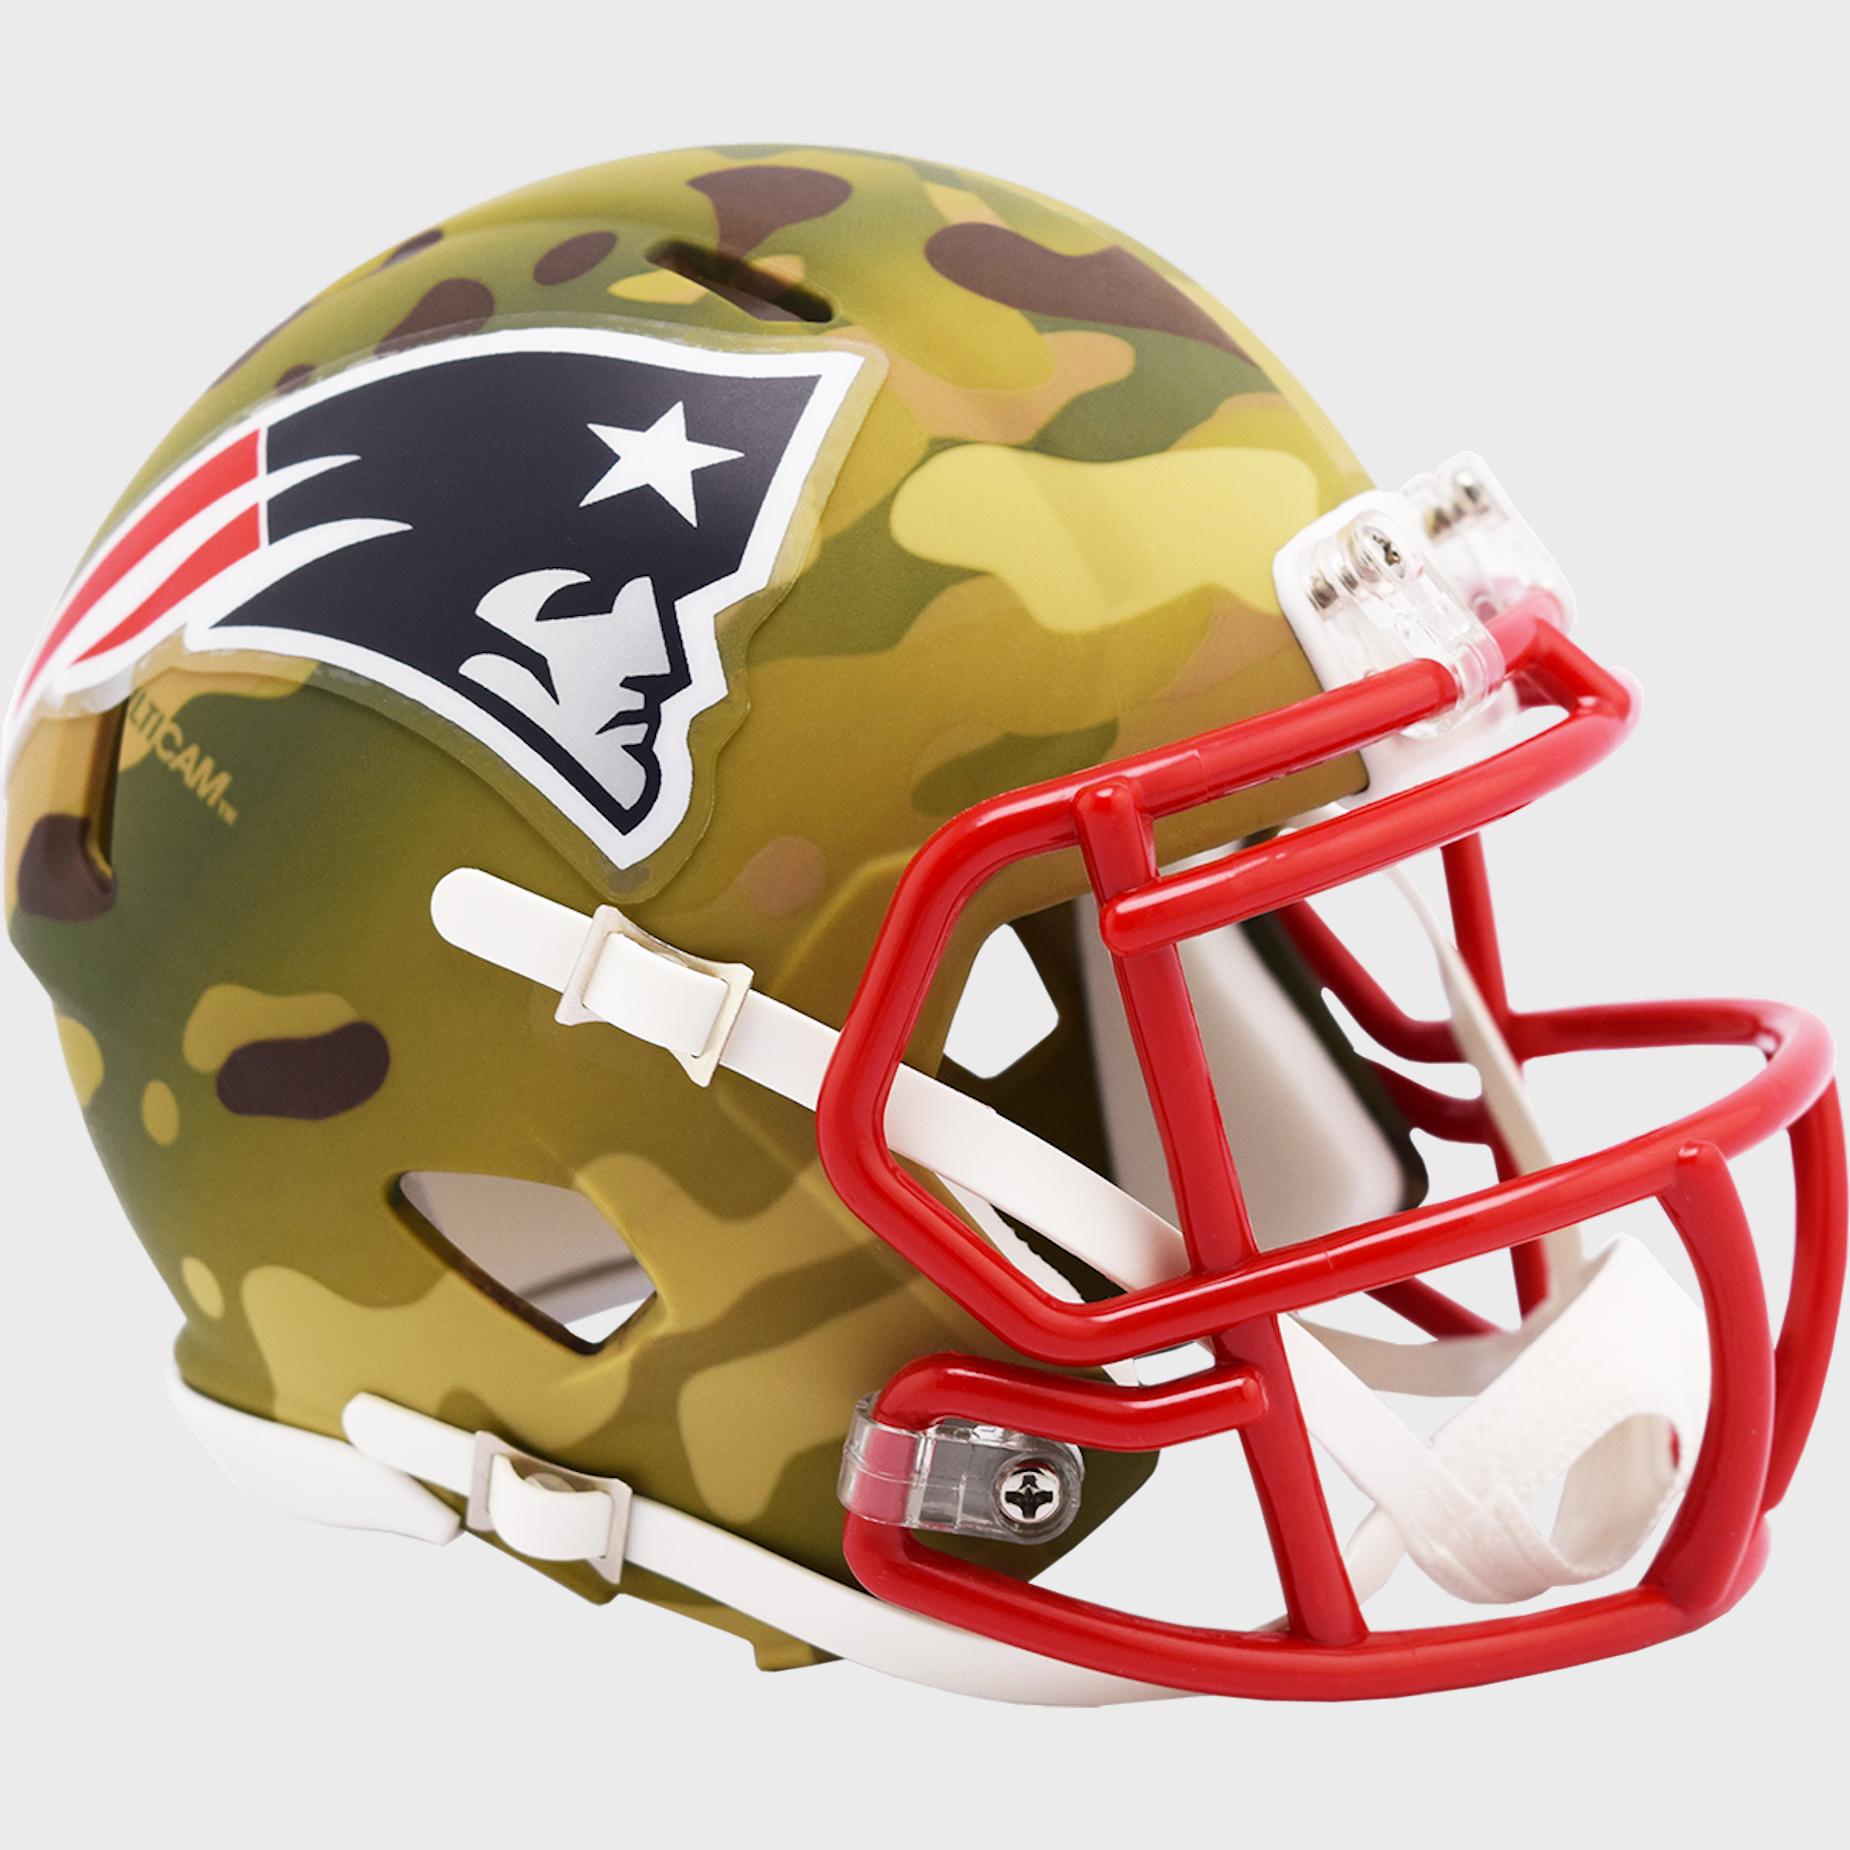 New England Patriots NFL Mini Speed Football Helmet <B>CAMO</B>